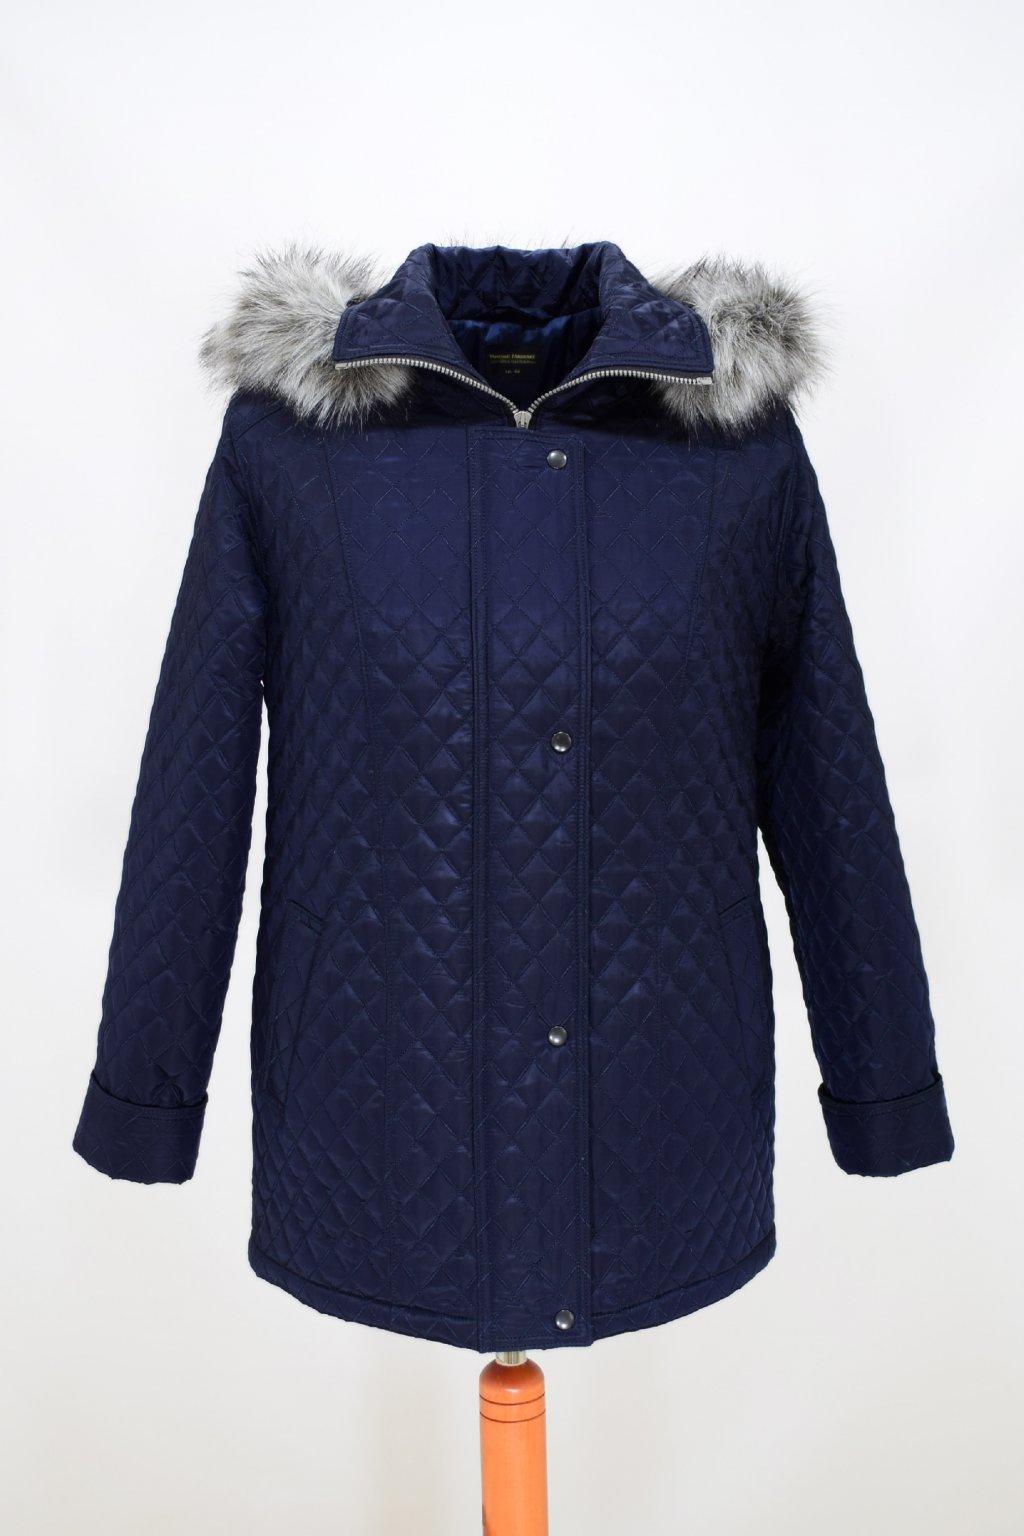 Dámská tmavě modrá zimní bunda Krista nadměrné velikosti.